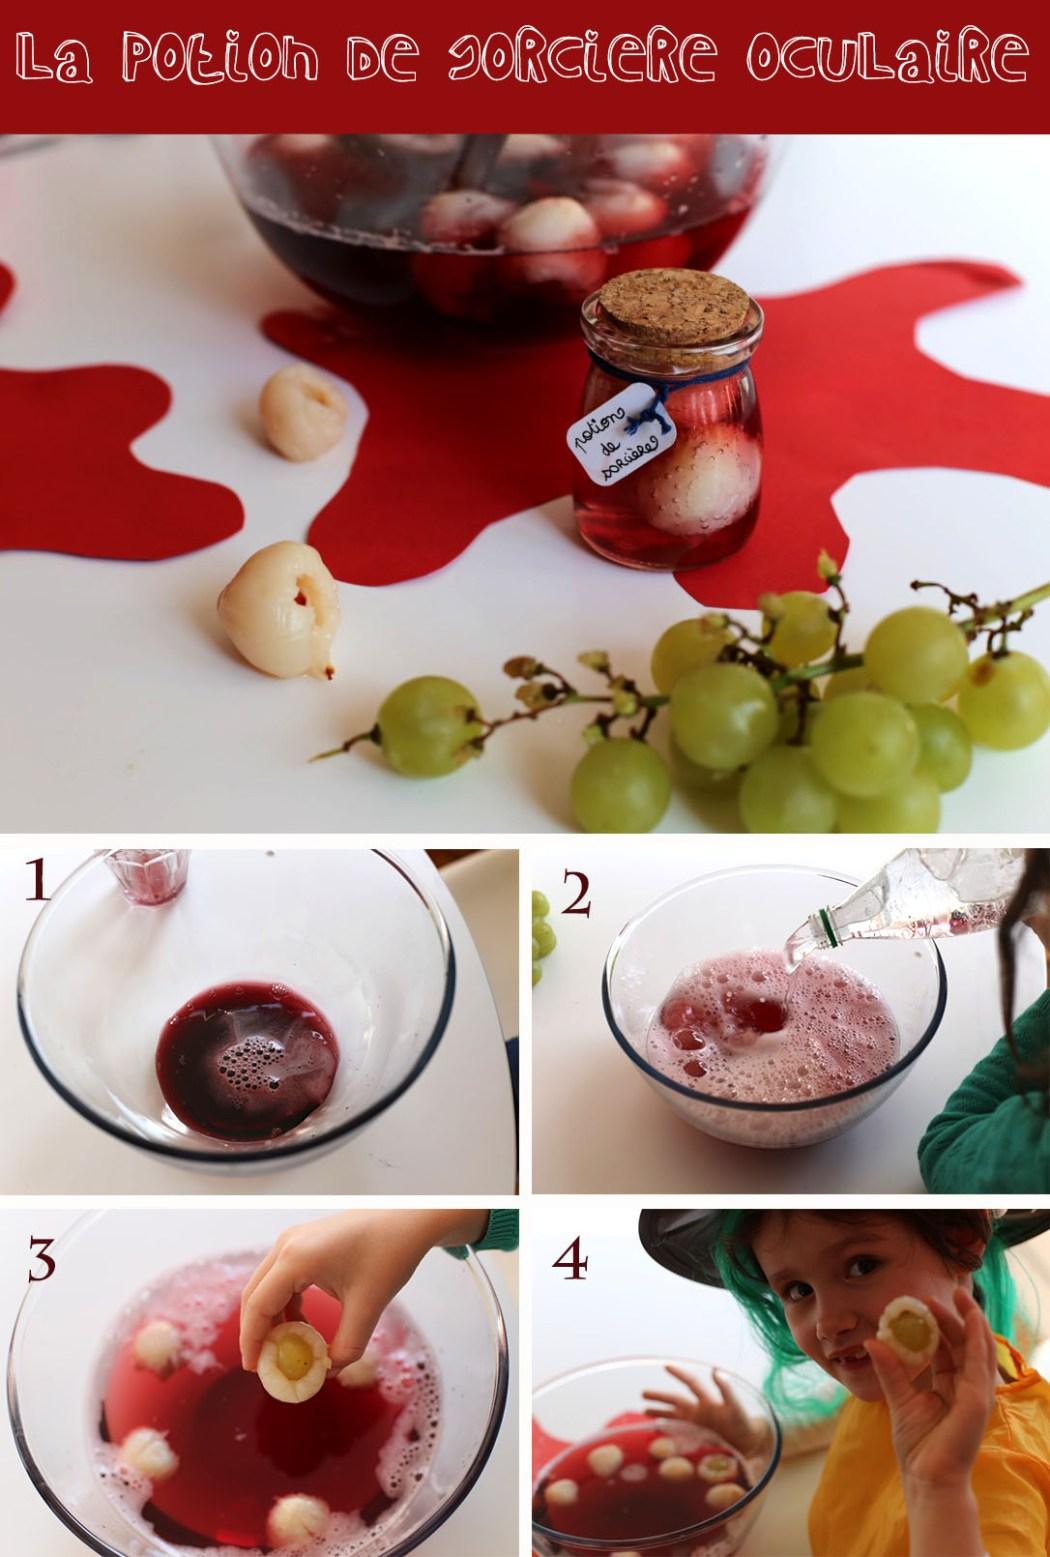 161012 recette potion de la sorciere 2 Une table de sorcière pour Halloween